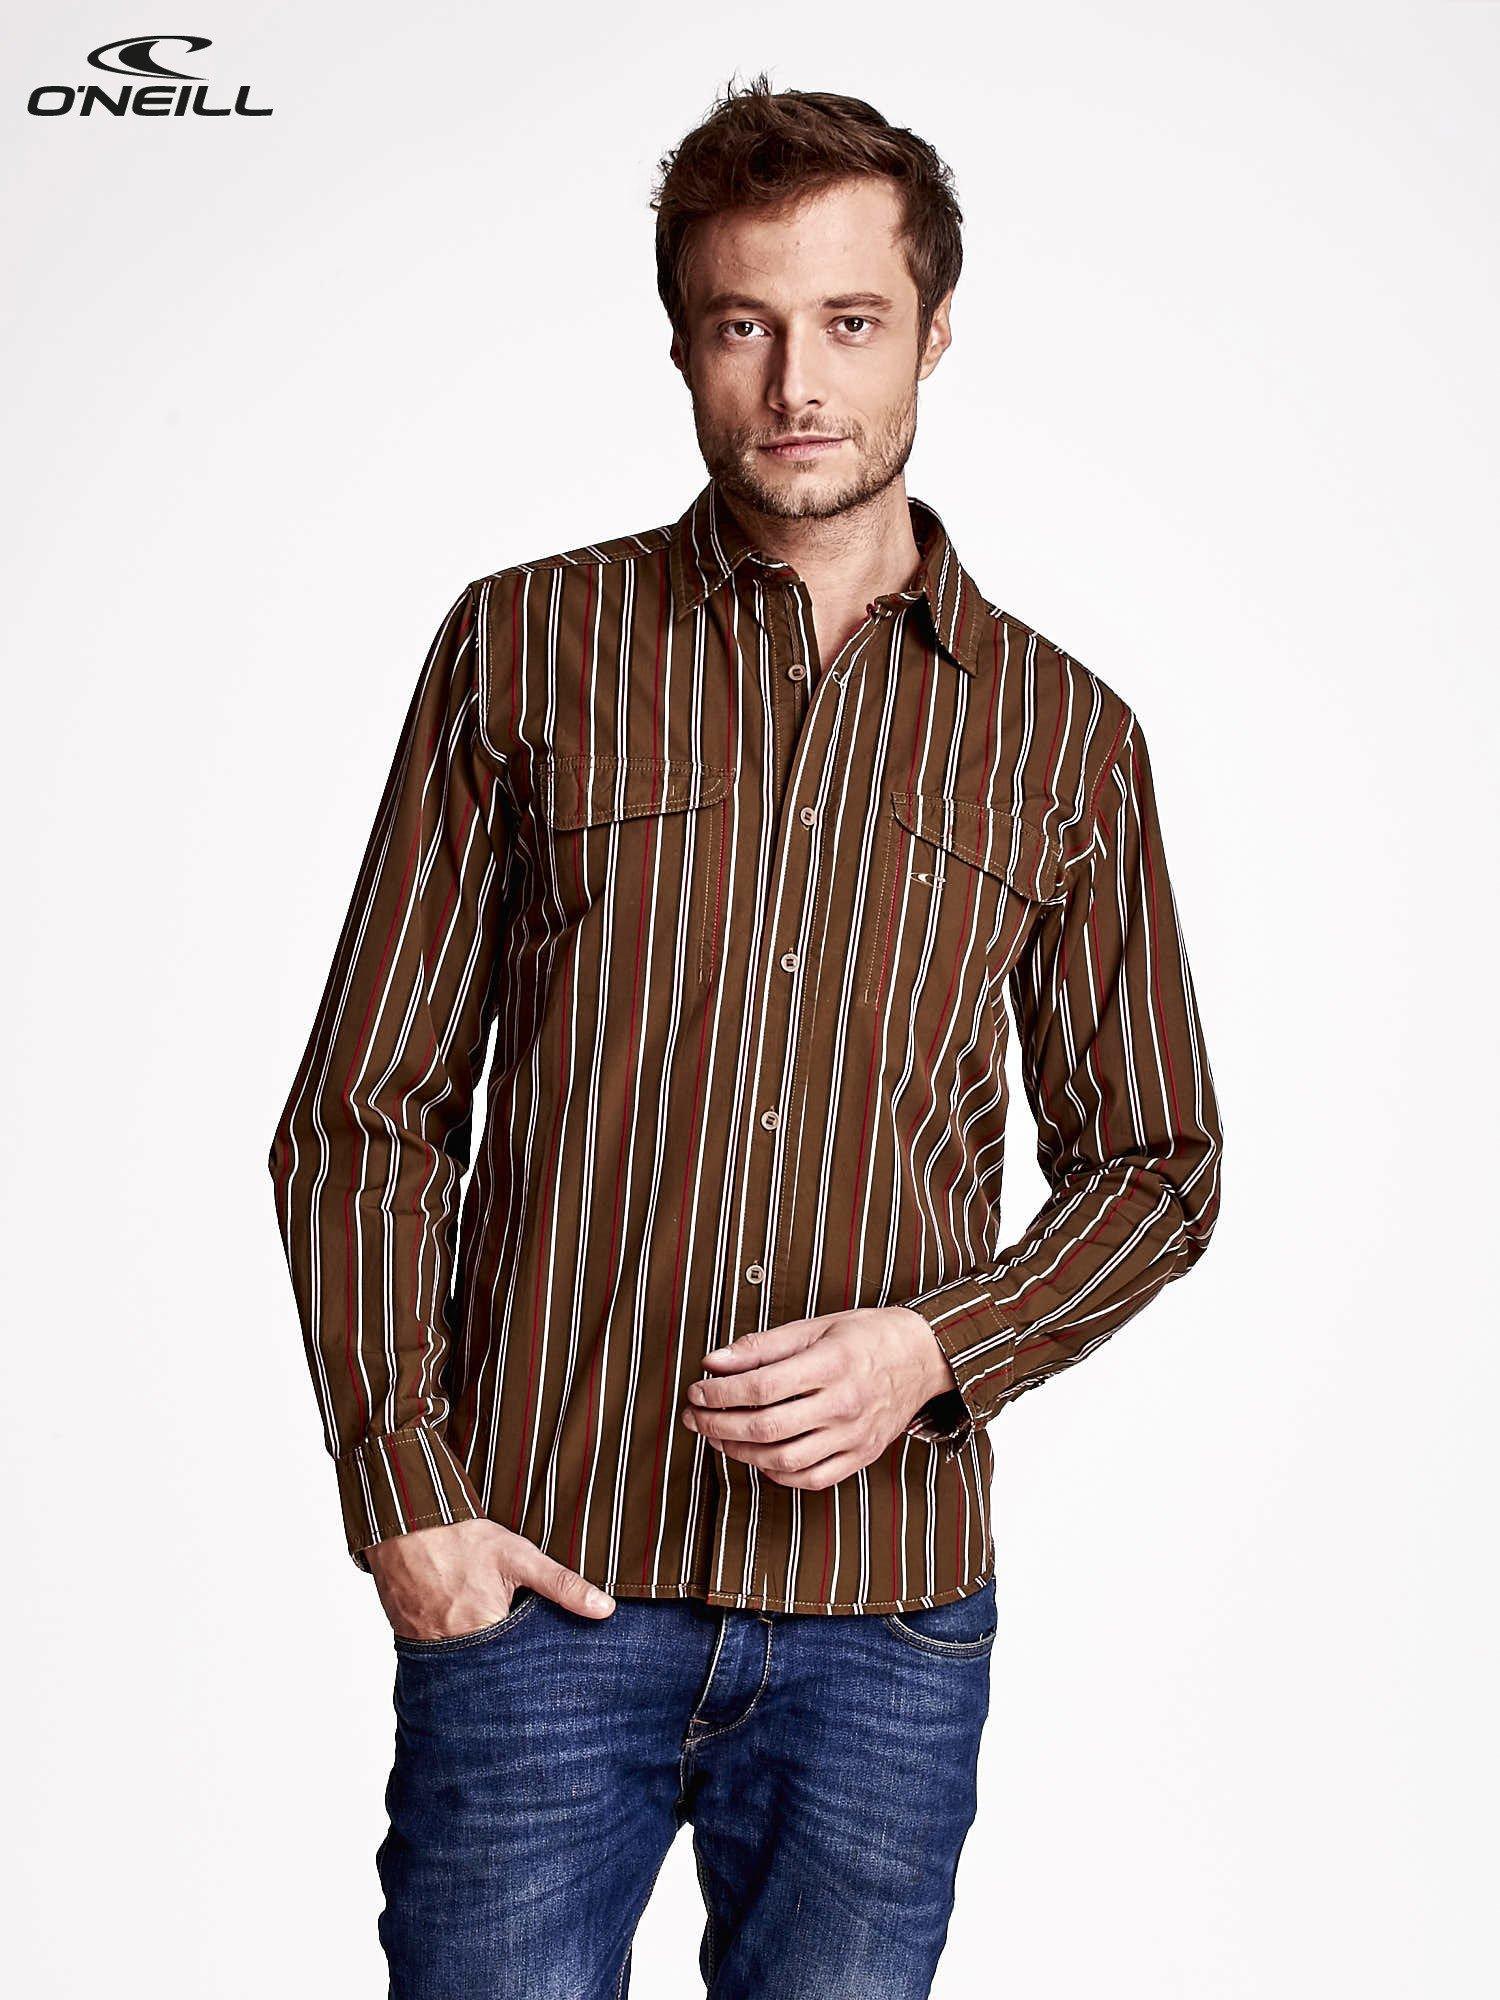 916779f3d49b O NEILL Brązowa koszula męska w kolorowe paski - Mężczyźni koszula ...